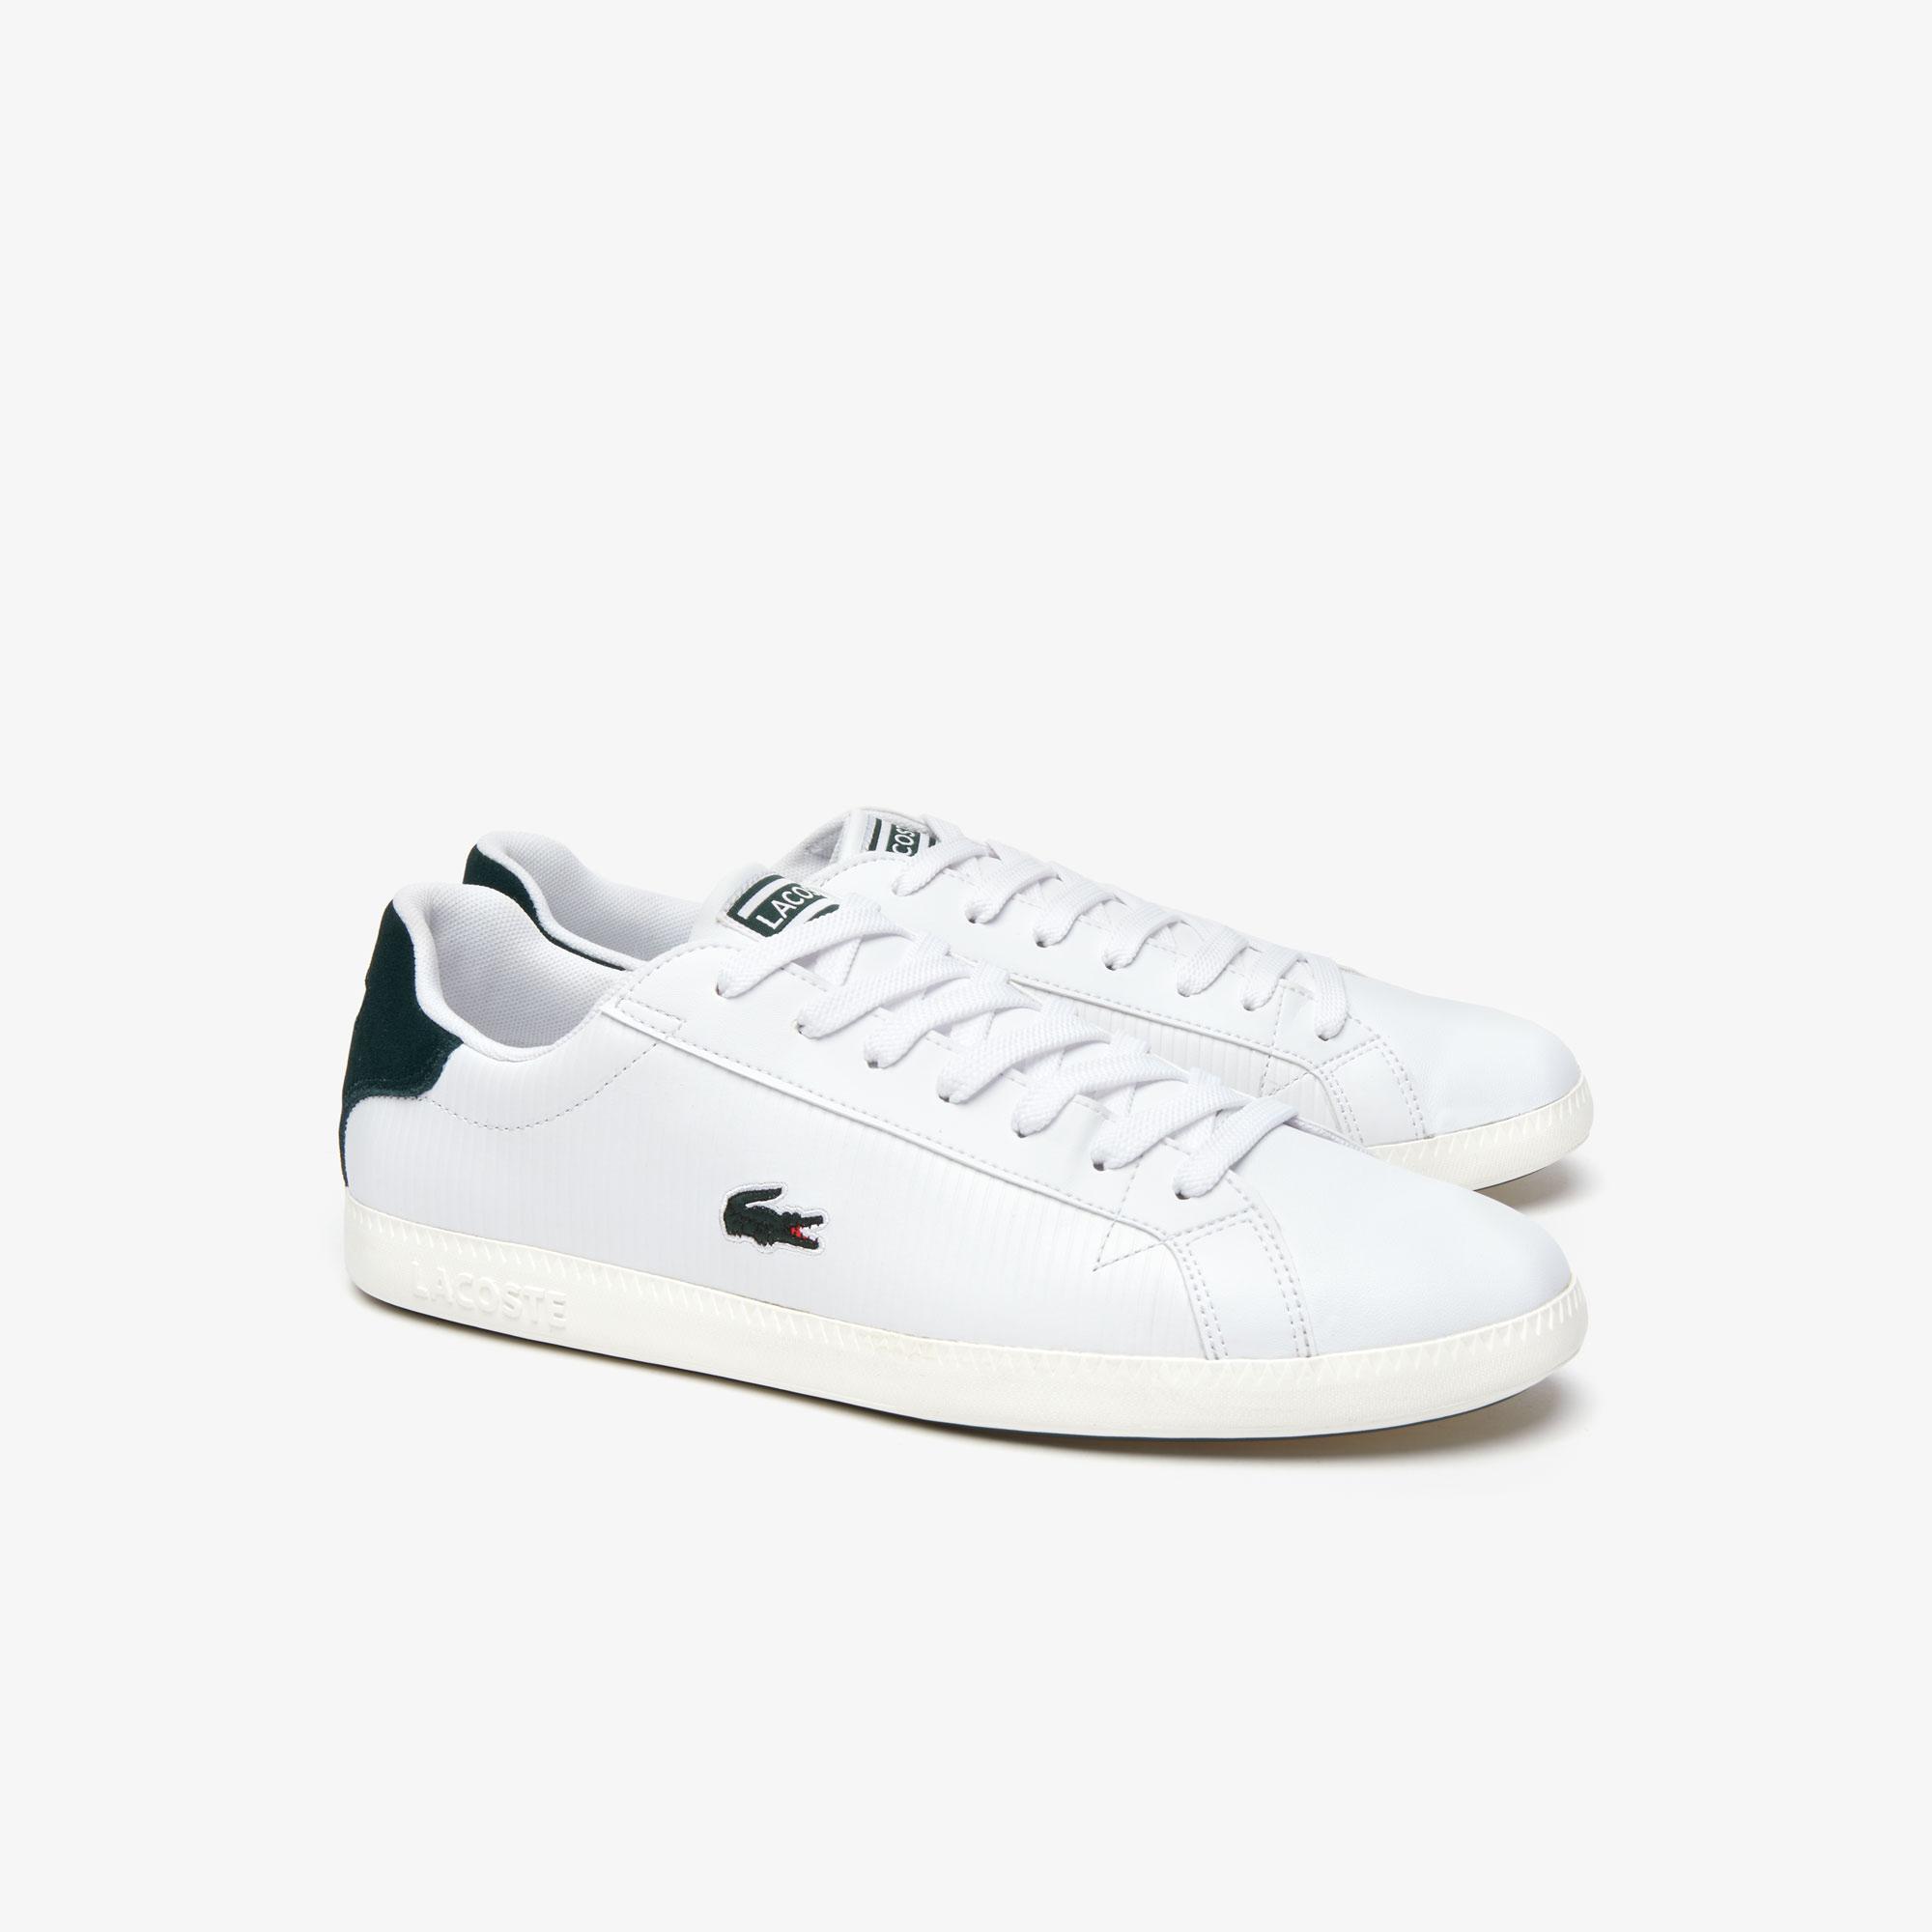 Lacoste Graduate 319 2 Sma Erkek Beyaz - Koyu Yeşil Sneaker